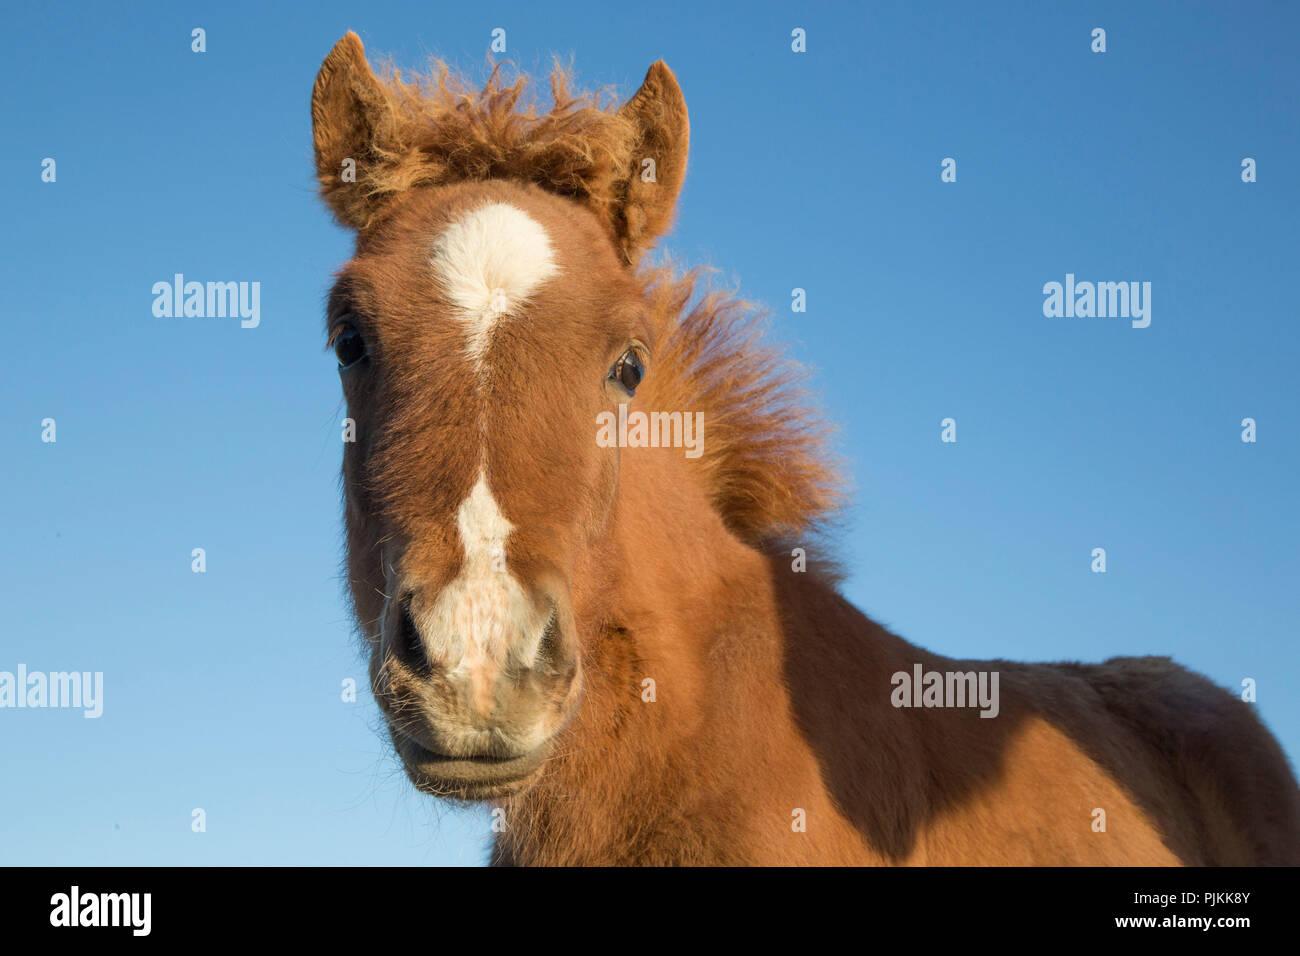 L'Islande, l'Icelandic Horse foal, brown, chauds, curieux, contre le ciel bleu Photo Stock